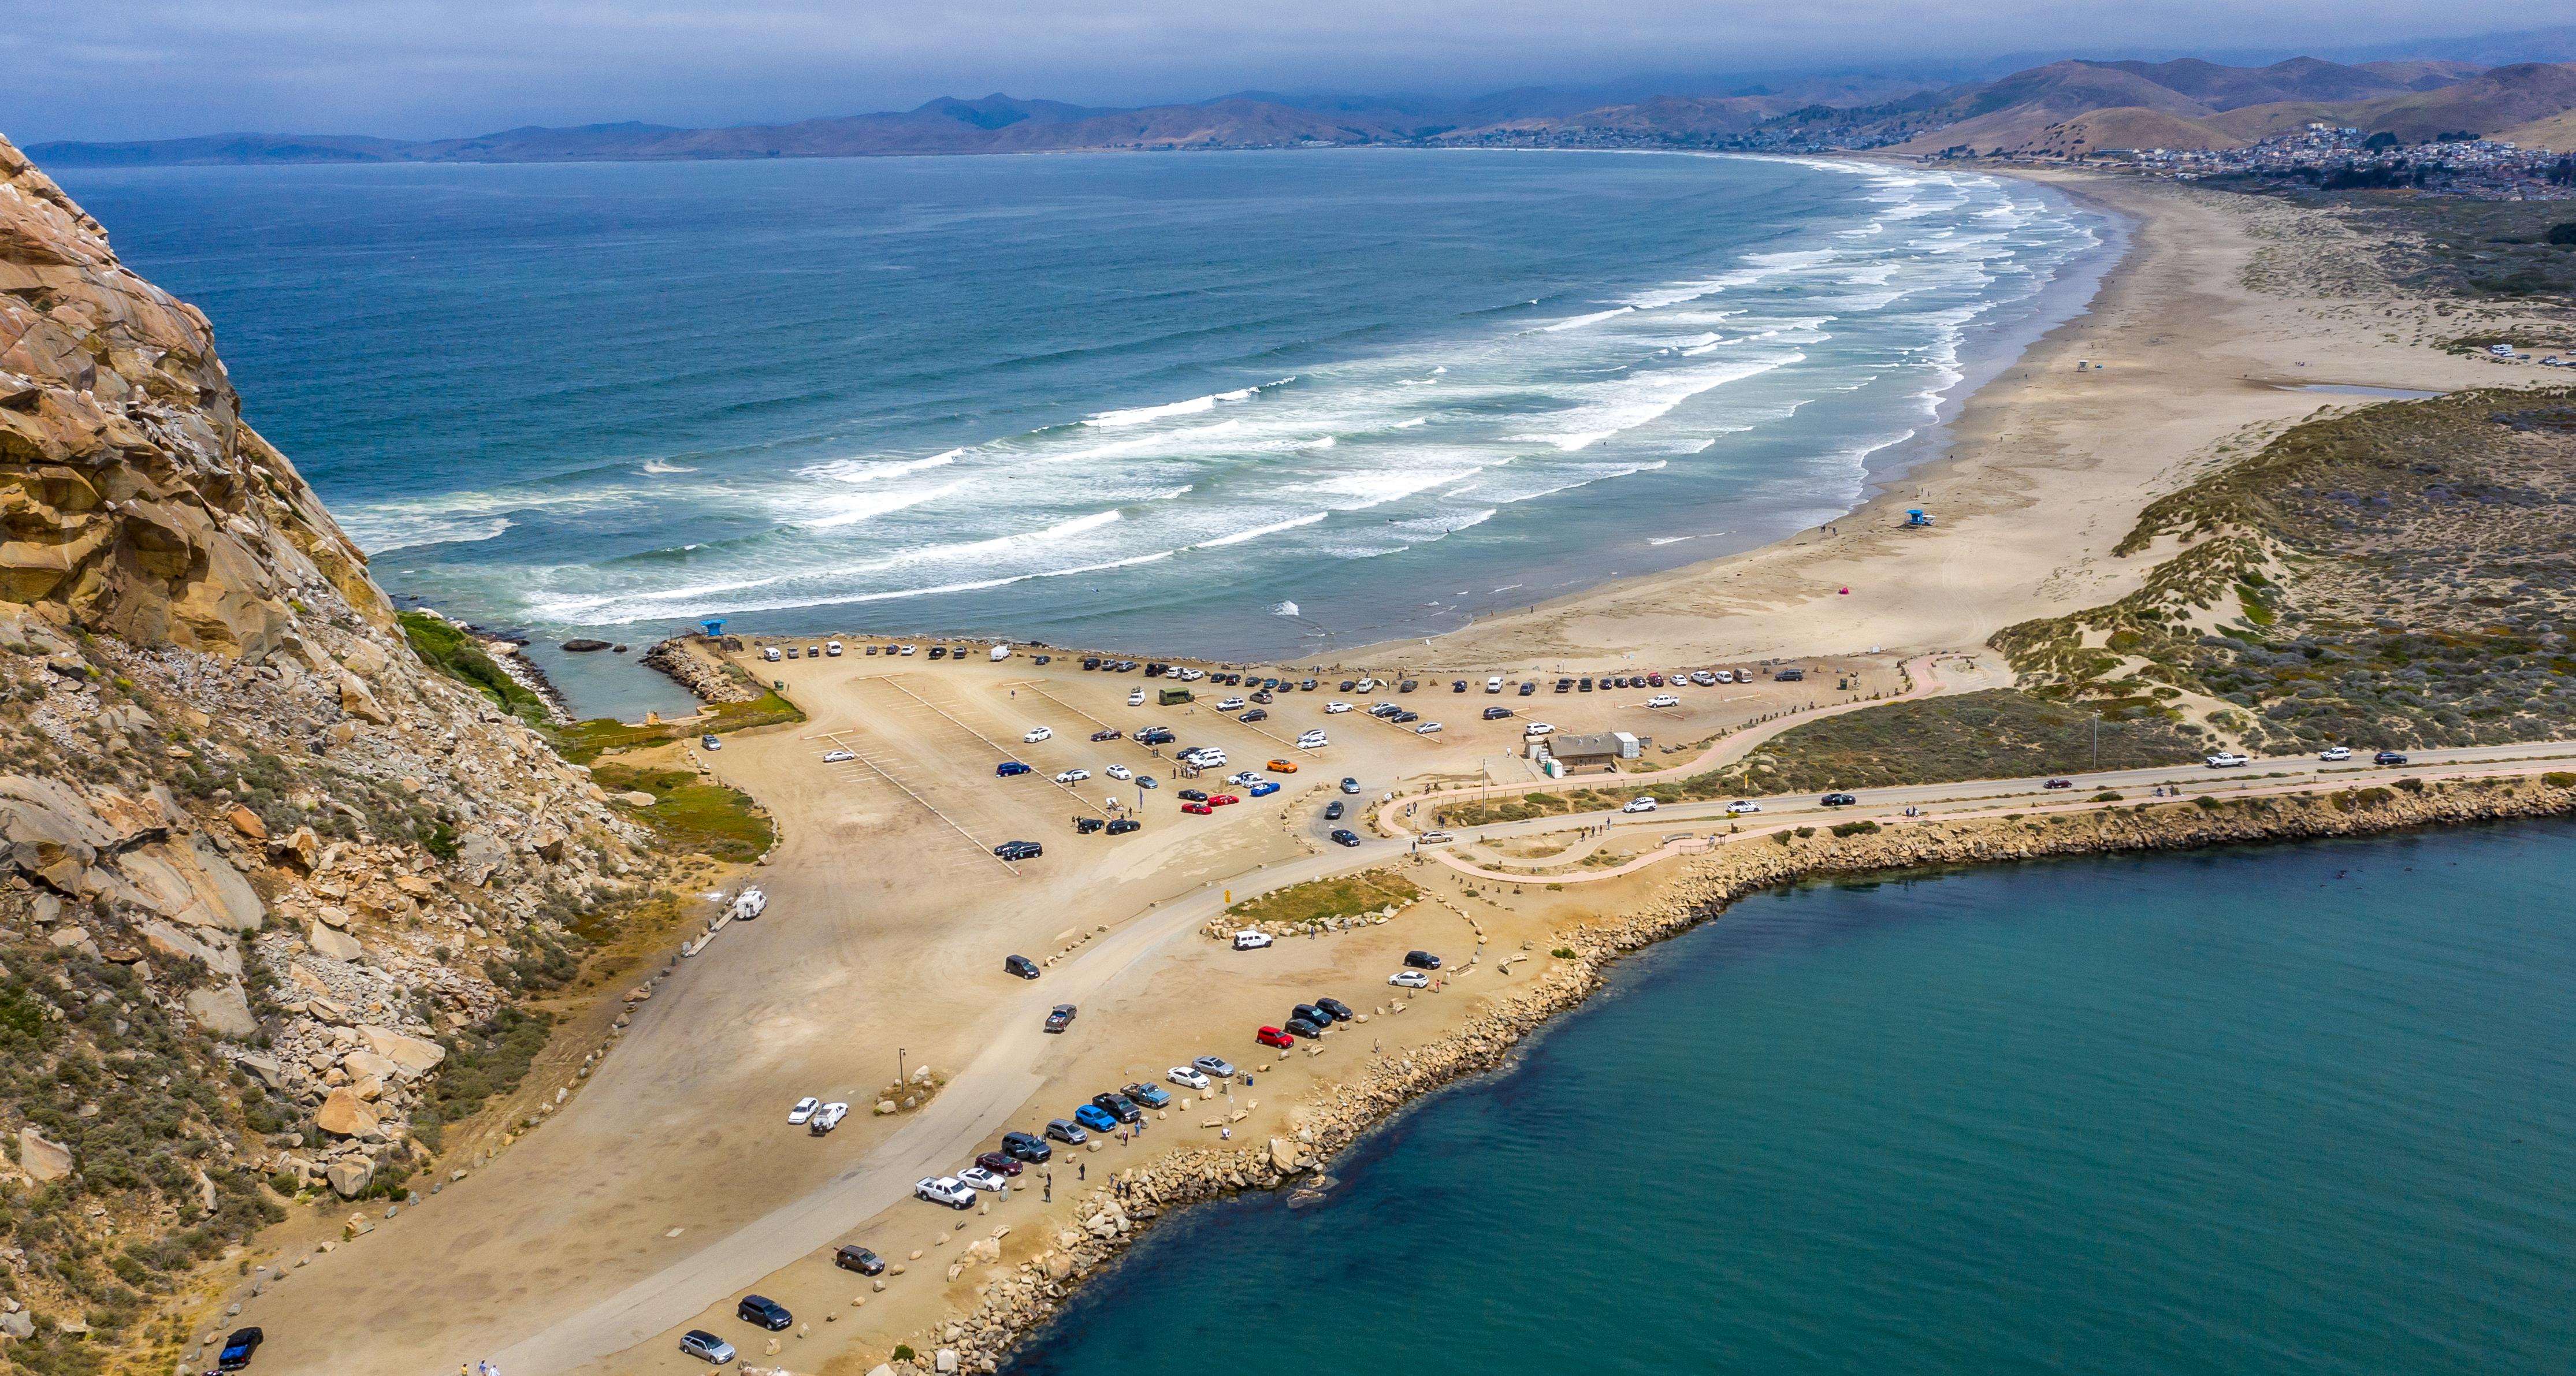 Aerial view of Morro Rock in Morro Bay, Calif.